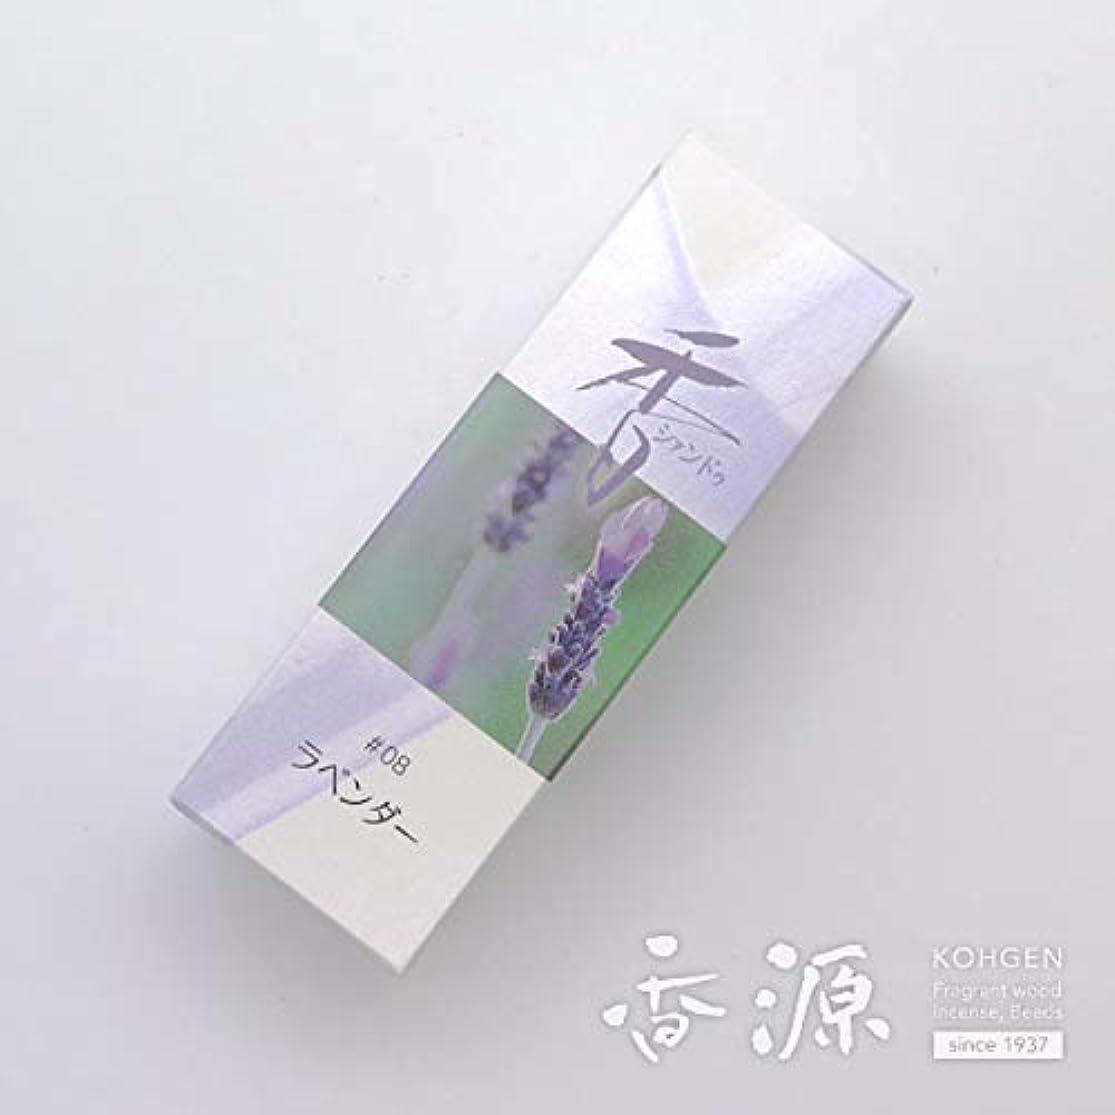 項目思い出させる帽子松栄堂のお香 Xiang Do ラベンダー ST20本入 簡易香立付 #214208